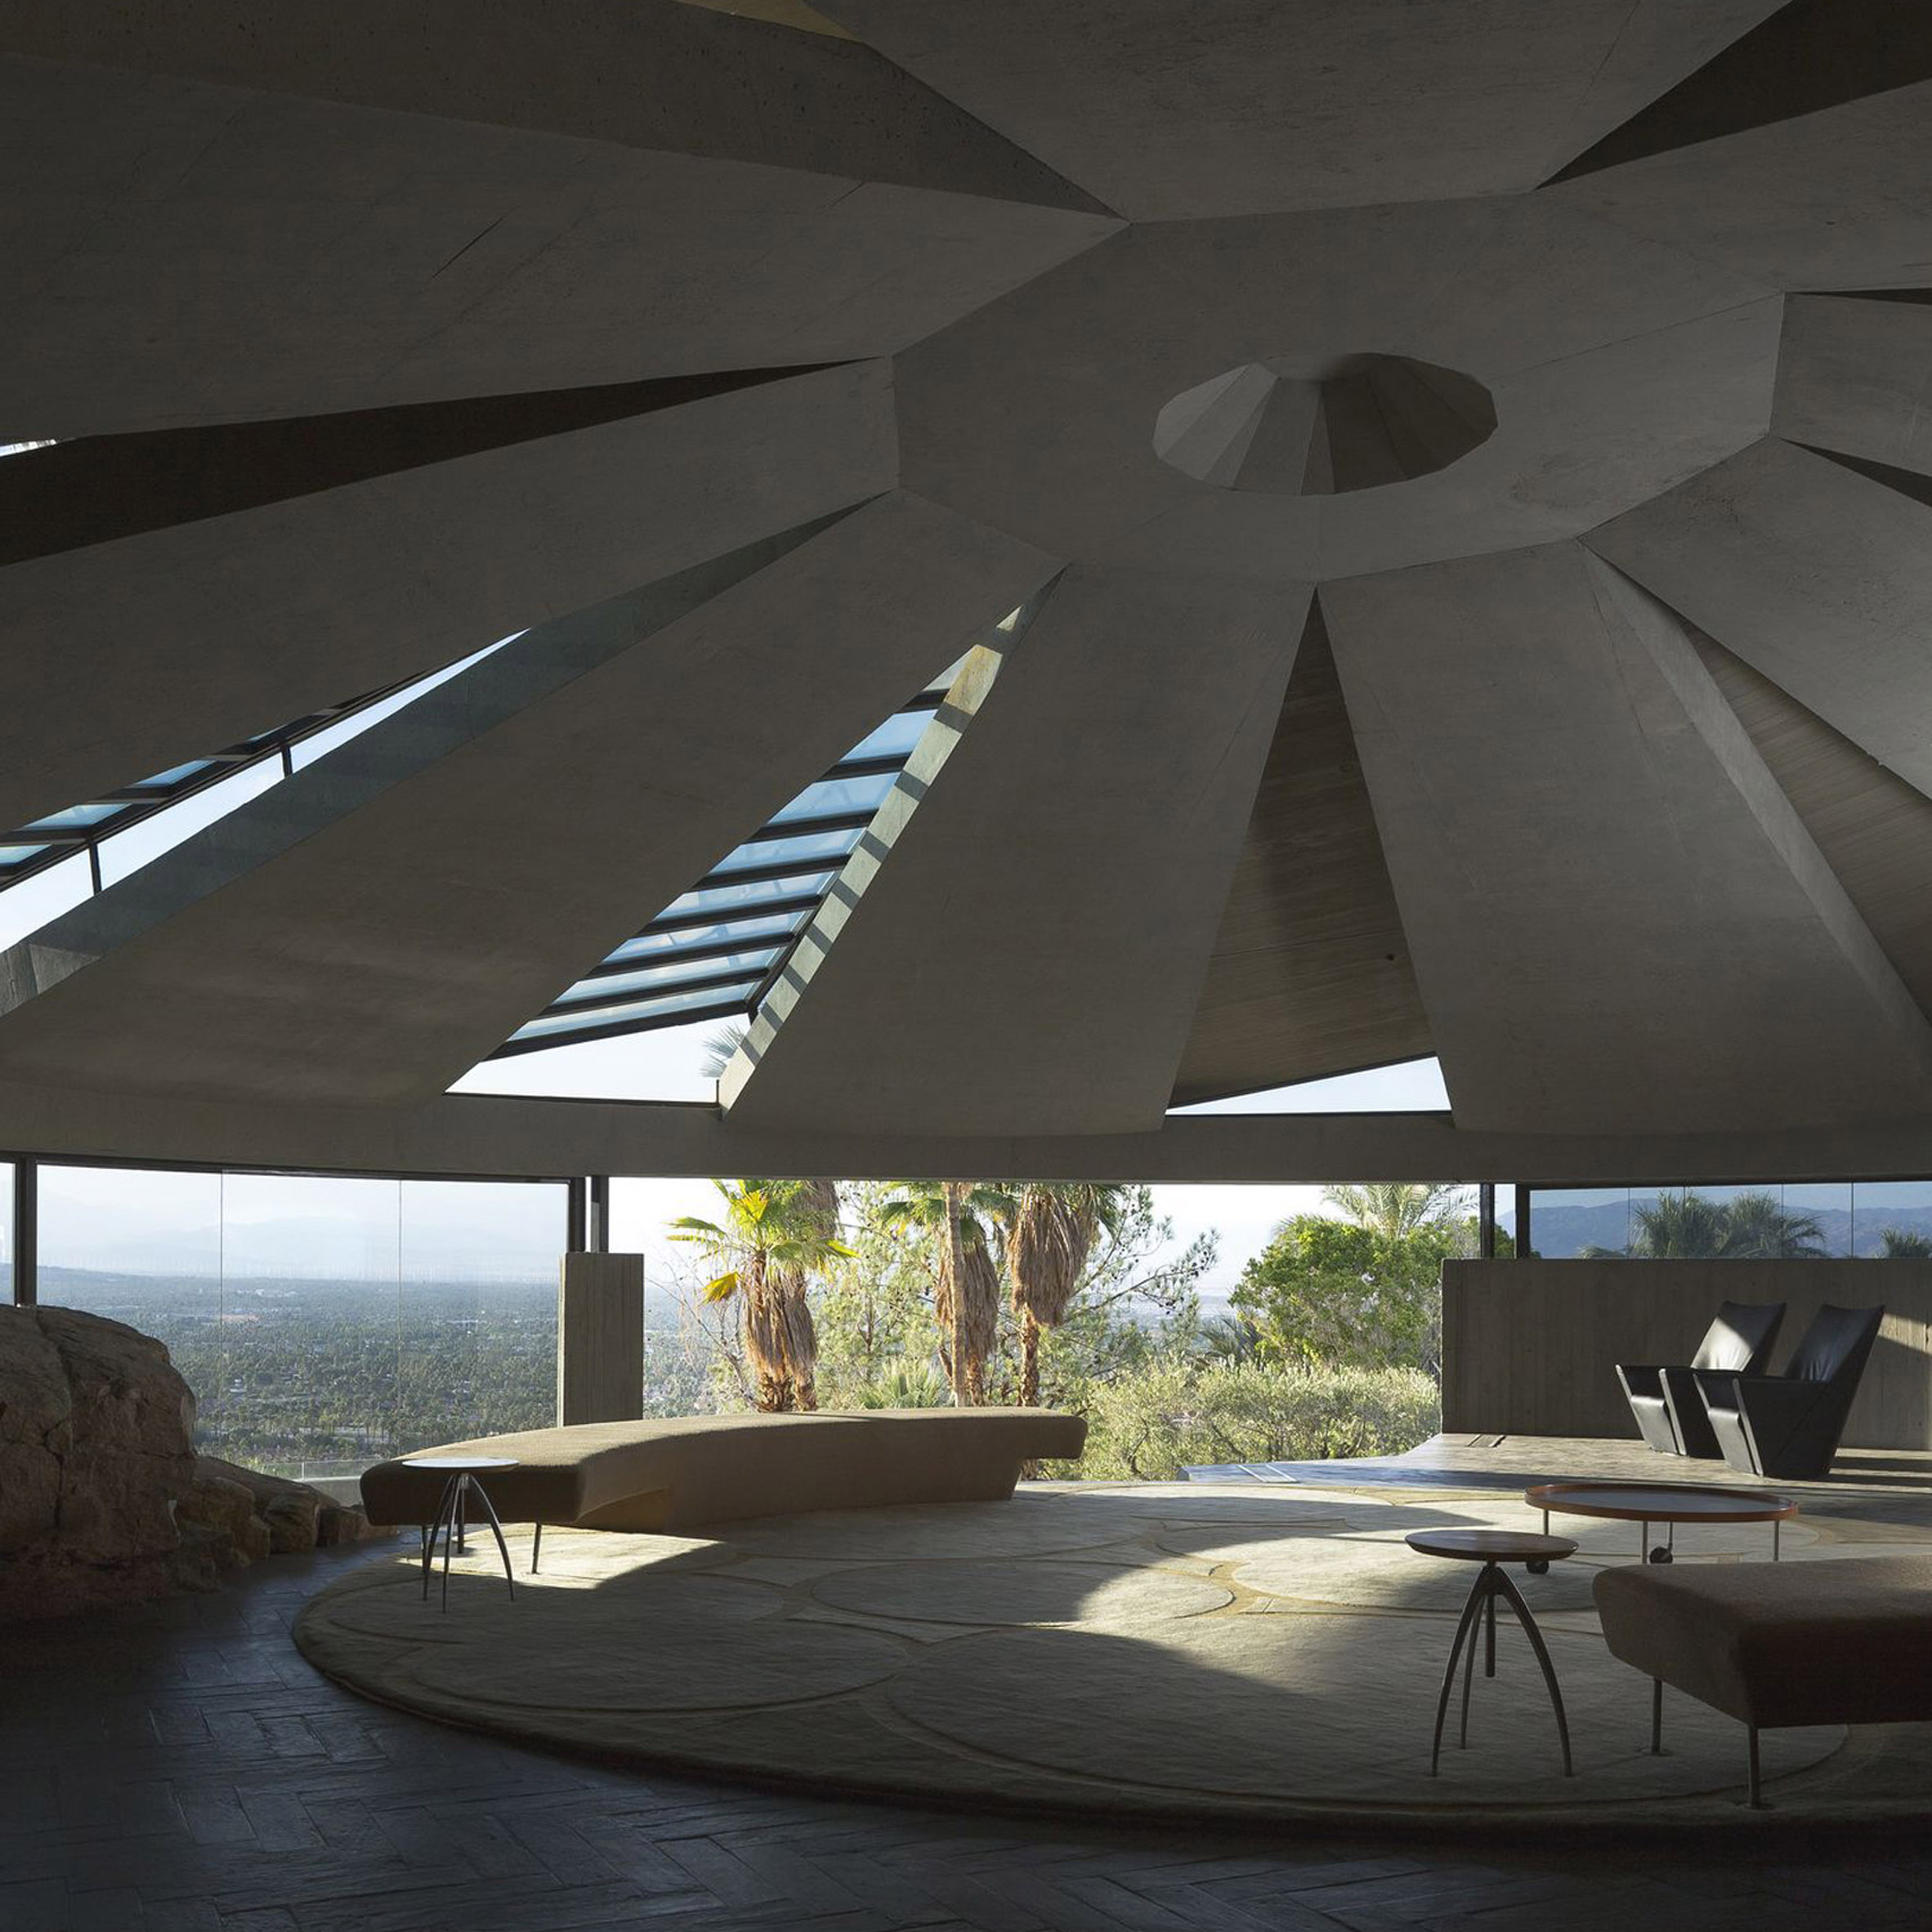 John Lautner's concrete domed Elrod House overlooks Coachella Valley